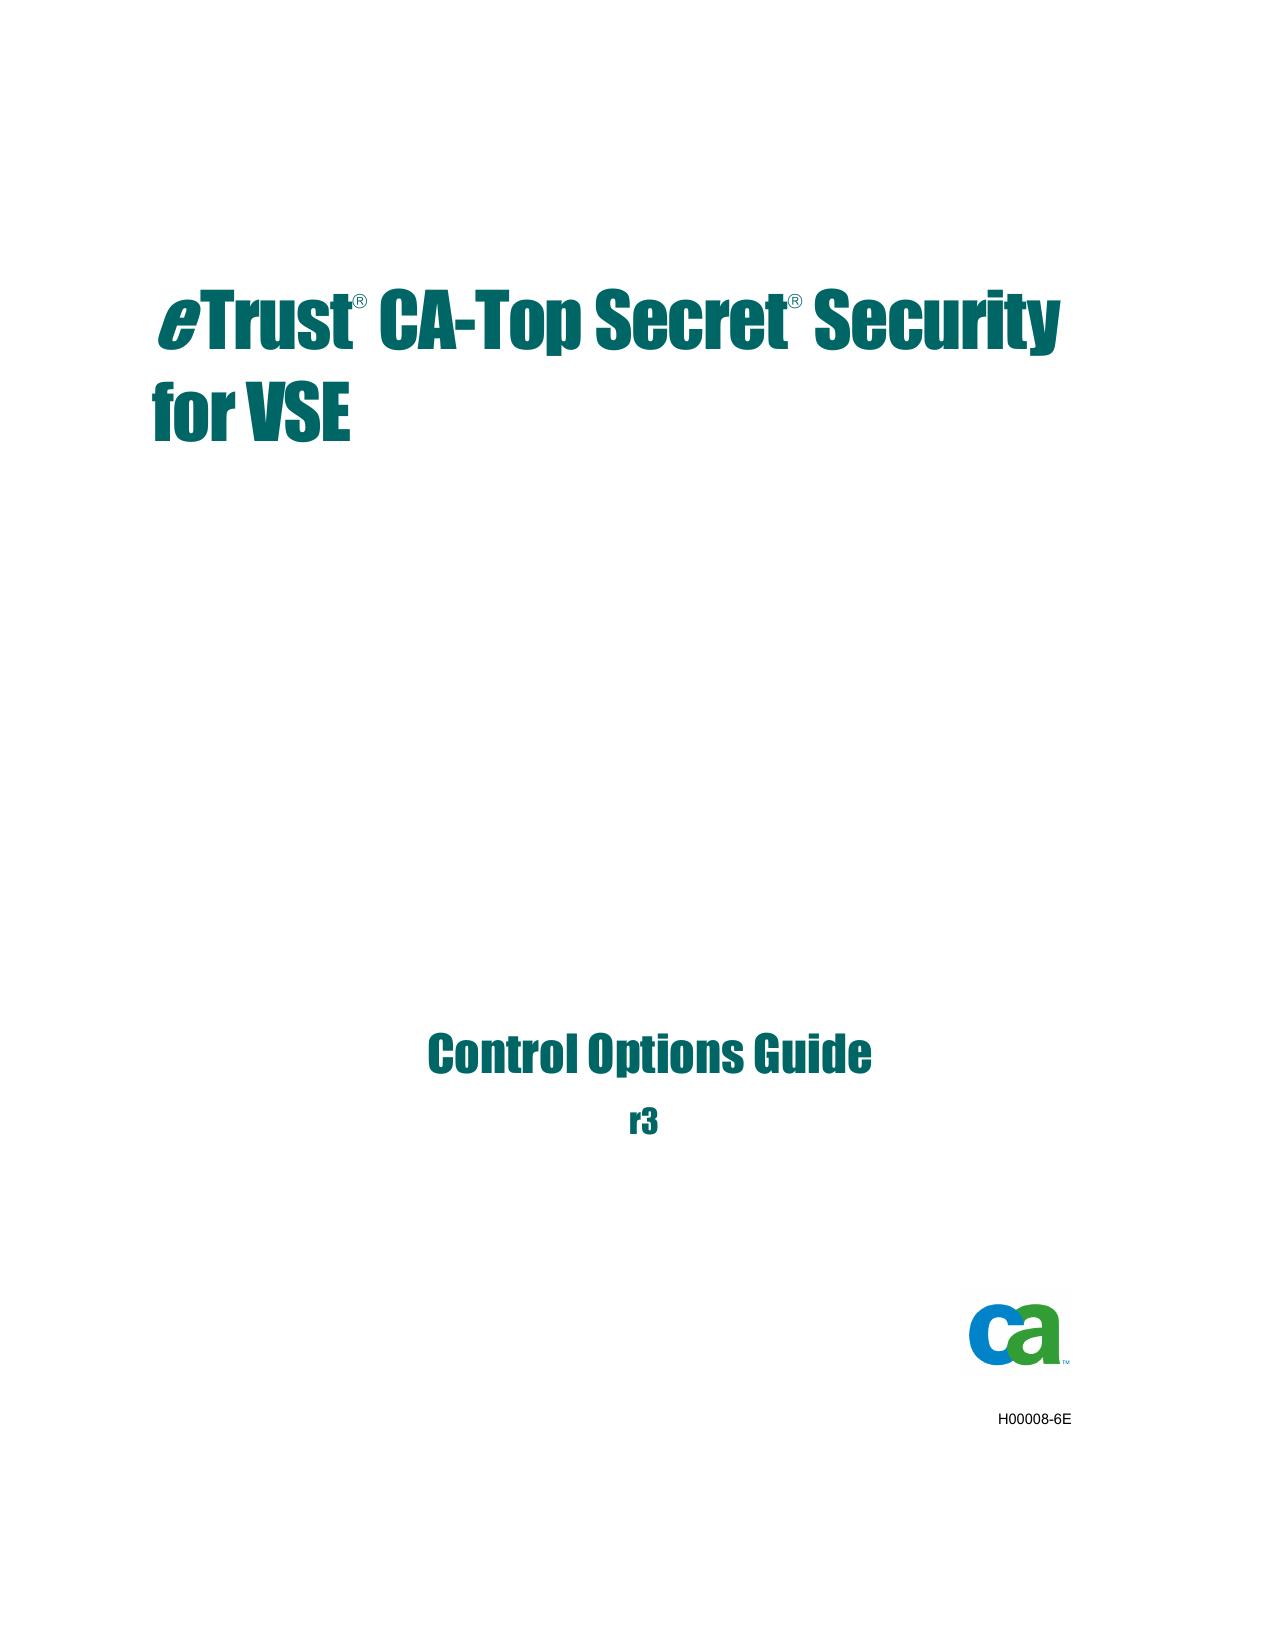 Ca-topsecret to os/390 security server migration guide | ibm redbooks.